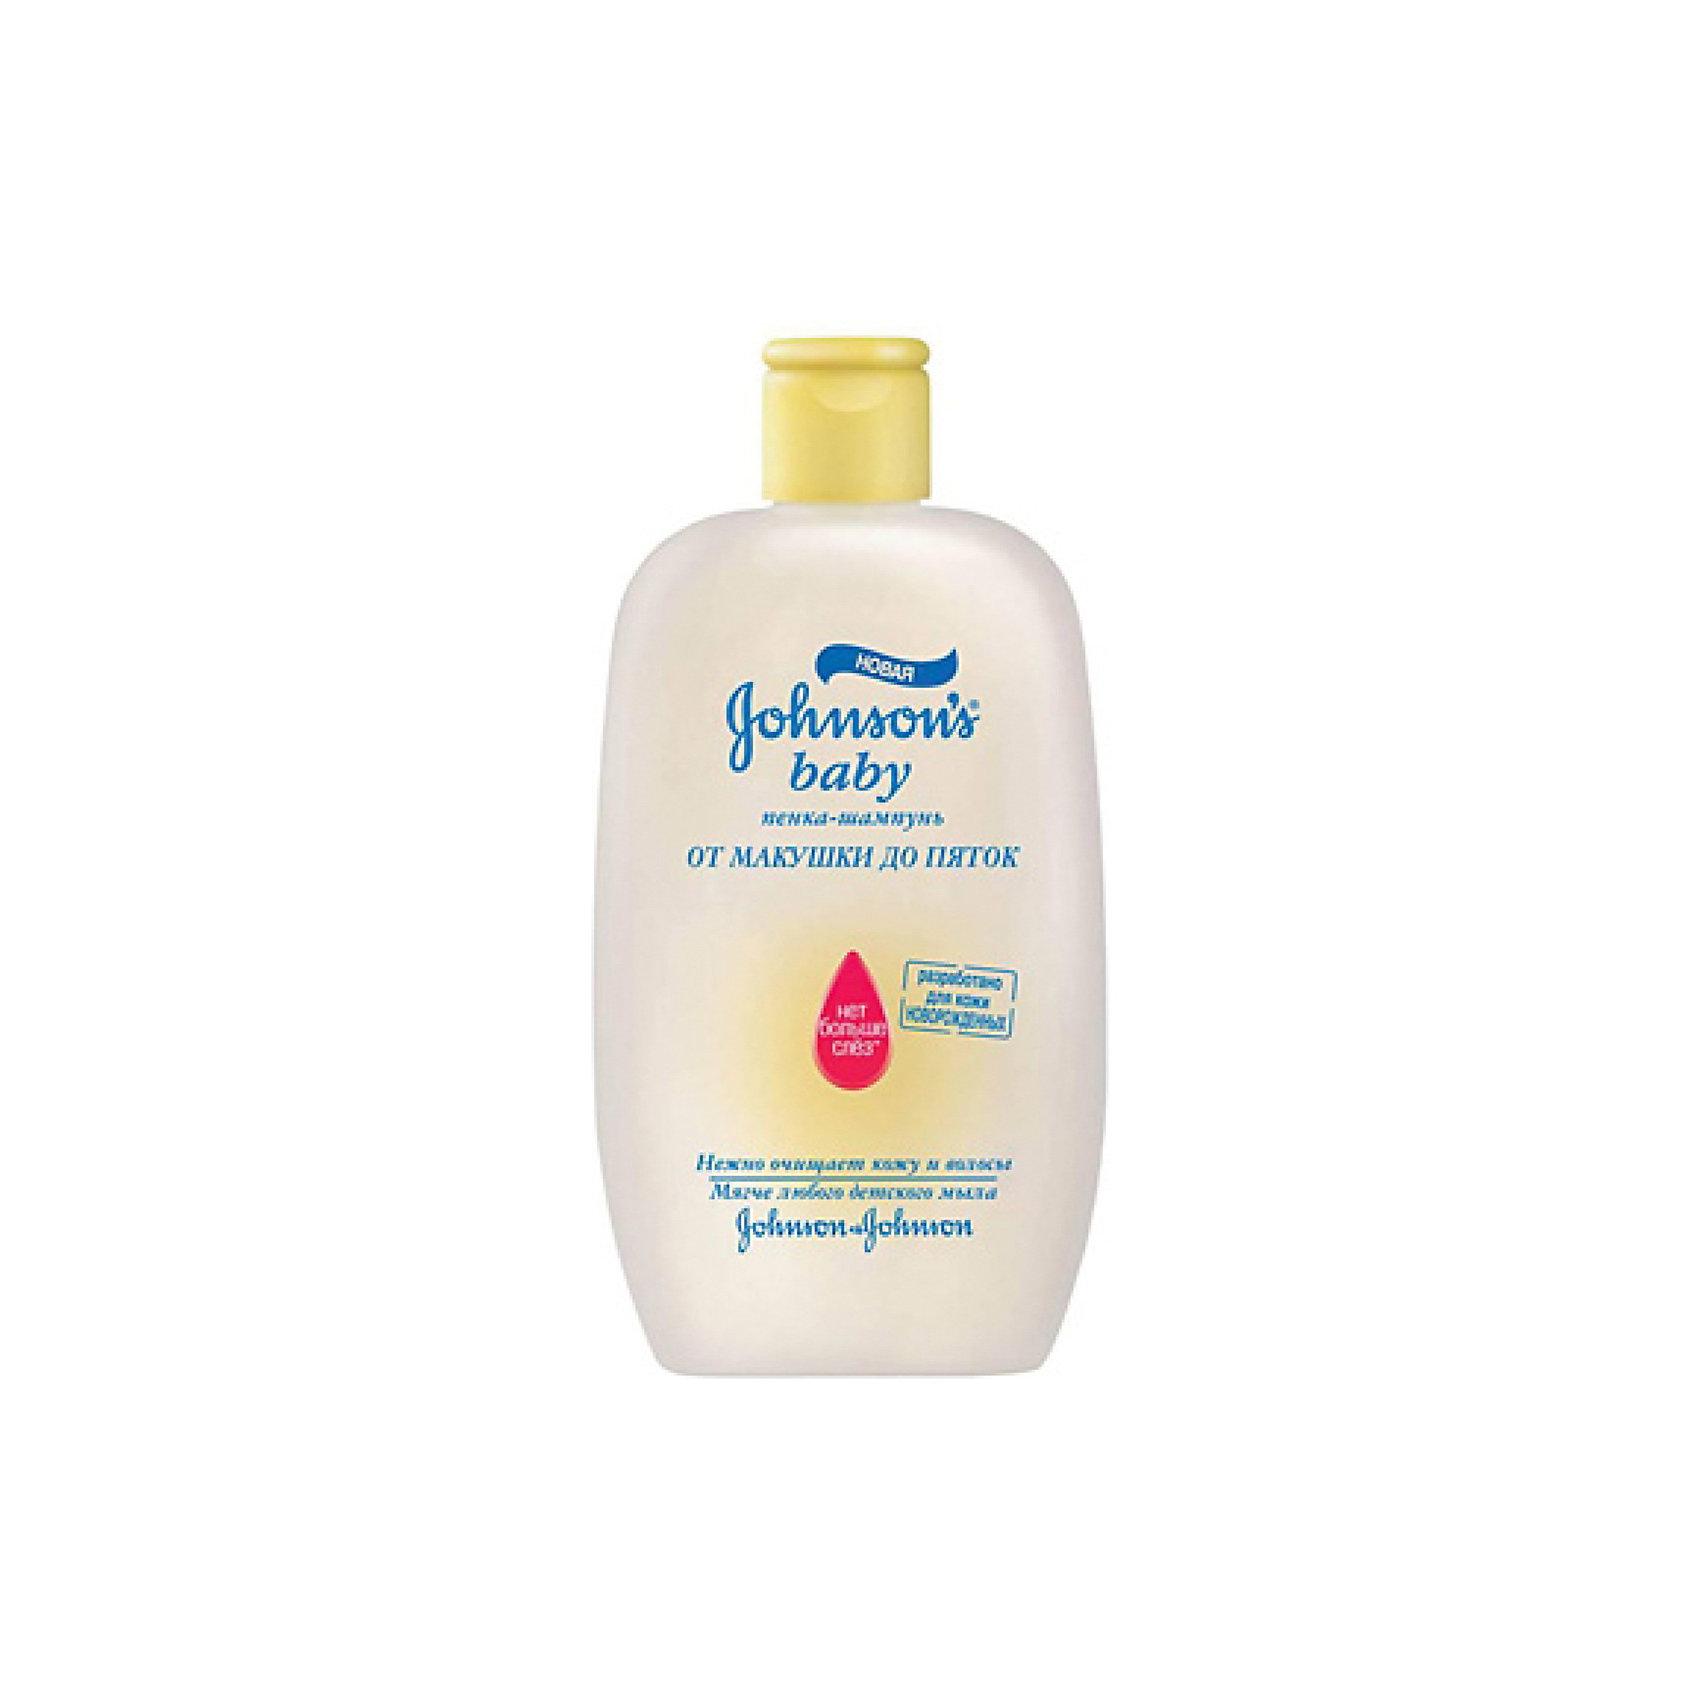 Пенка-шампунь От макушки до пяток, Johnson`s baby, 300 млПенка-шампунь Johnson`s baby (Джонсонс Бэби) От макушки до пяток — это мягкое очищающее средство для волос и тела малыша, которое также может использоваться в качестве пенки для ванны. Пенка-шампунь не сушит кожу малыша в отличие от твердого мыла и потому является лучшим средством для мягкого очищения нежной детской кожи. Пусть Ваш малыш купается в нежности от макушки до пяток!<br><br>Дополнительная информация:<br><br>- Разработана специально для кожи новорожденных;<br>- Гипоаллергенна;<br>- Для нежного ежедневного очищения кожи и волос;<br>- Формула Нет больше слез деликатна к глазкам и коже малыша, как чистая родниковая вода;<br>- pH-баланс нейтральный;<br>- Не содержит лаурил- и лауреат- сульфат натрия;<br>- Не содержит мыла, красителей и парабенов;<br>- Объем: 300 мл<br><br>Пенку-шампунь От макушки до пяток Johnson`s baby (Джонсонс Бэби), 300 мл можно купить в нашем интернет-магазине.<br><br>Ширина мм: 41<br>Глубина мм: 84<br>Высота мм: 165<br>Вес г: 345<br>Возраст от месяцев: 0<br>Возраст до месяцев: 48<br>Пол: Унисекс<br>Возраст: Детский<br>SKU: 3663432